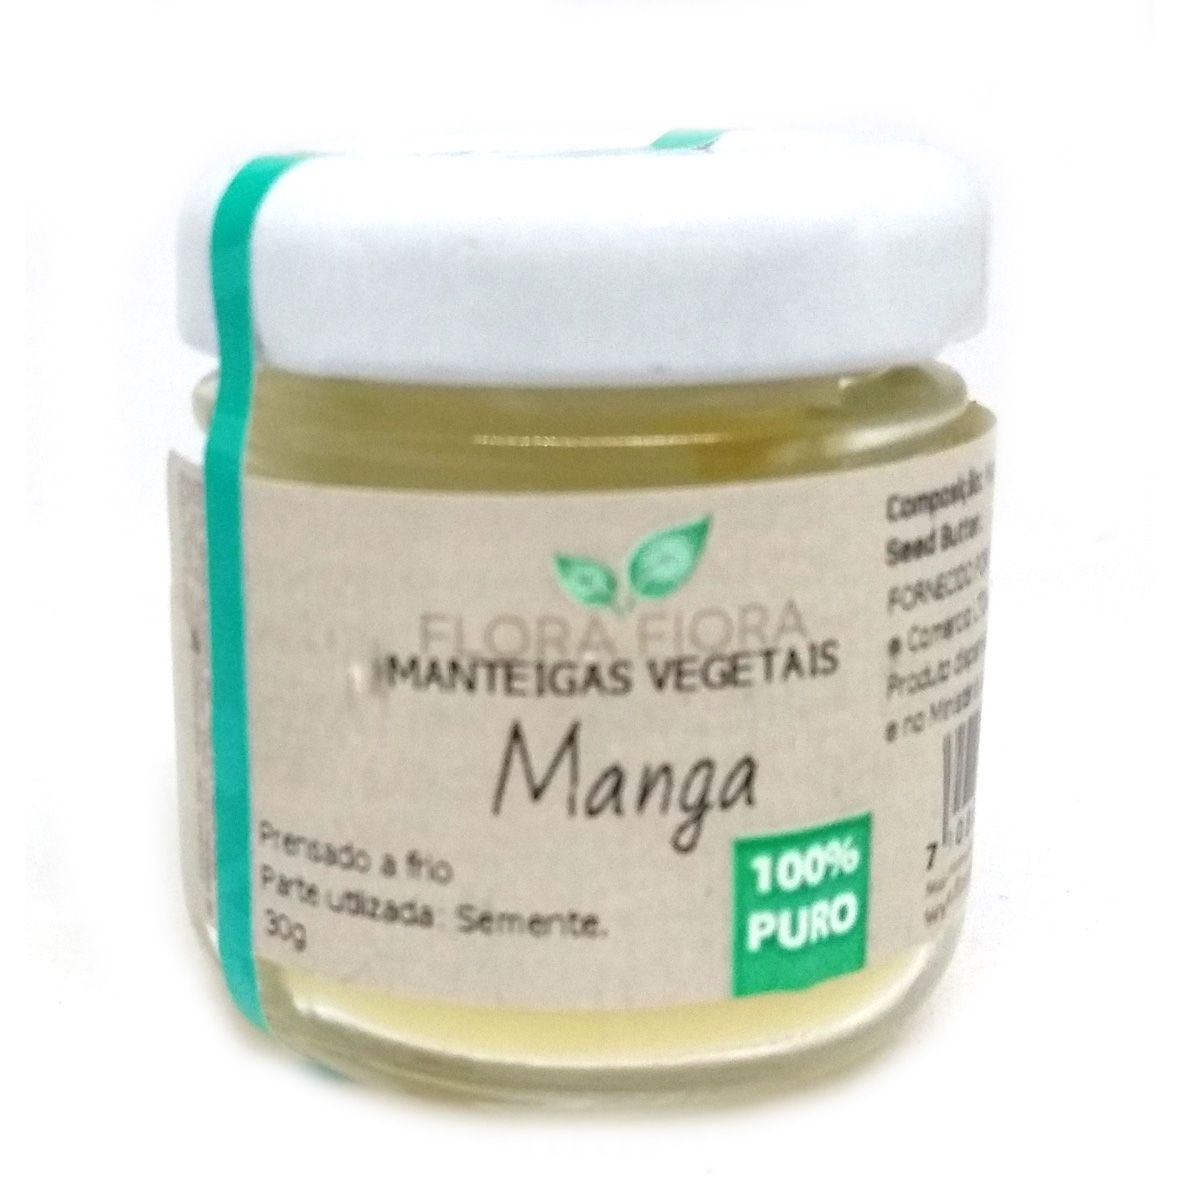 Manteiga Vegetal de Manga - 30g